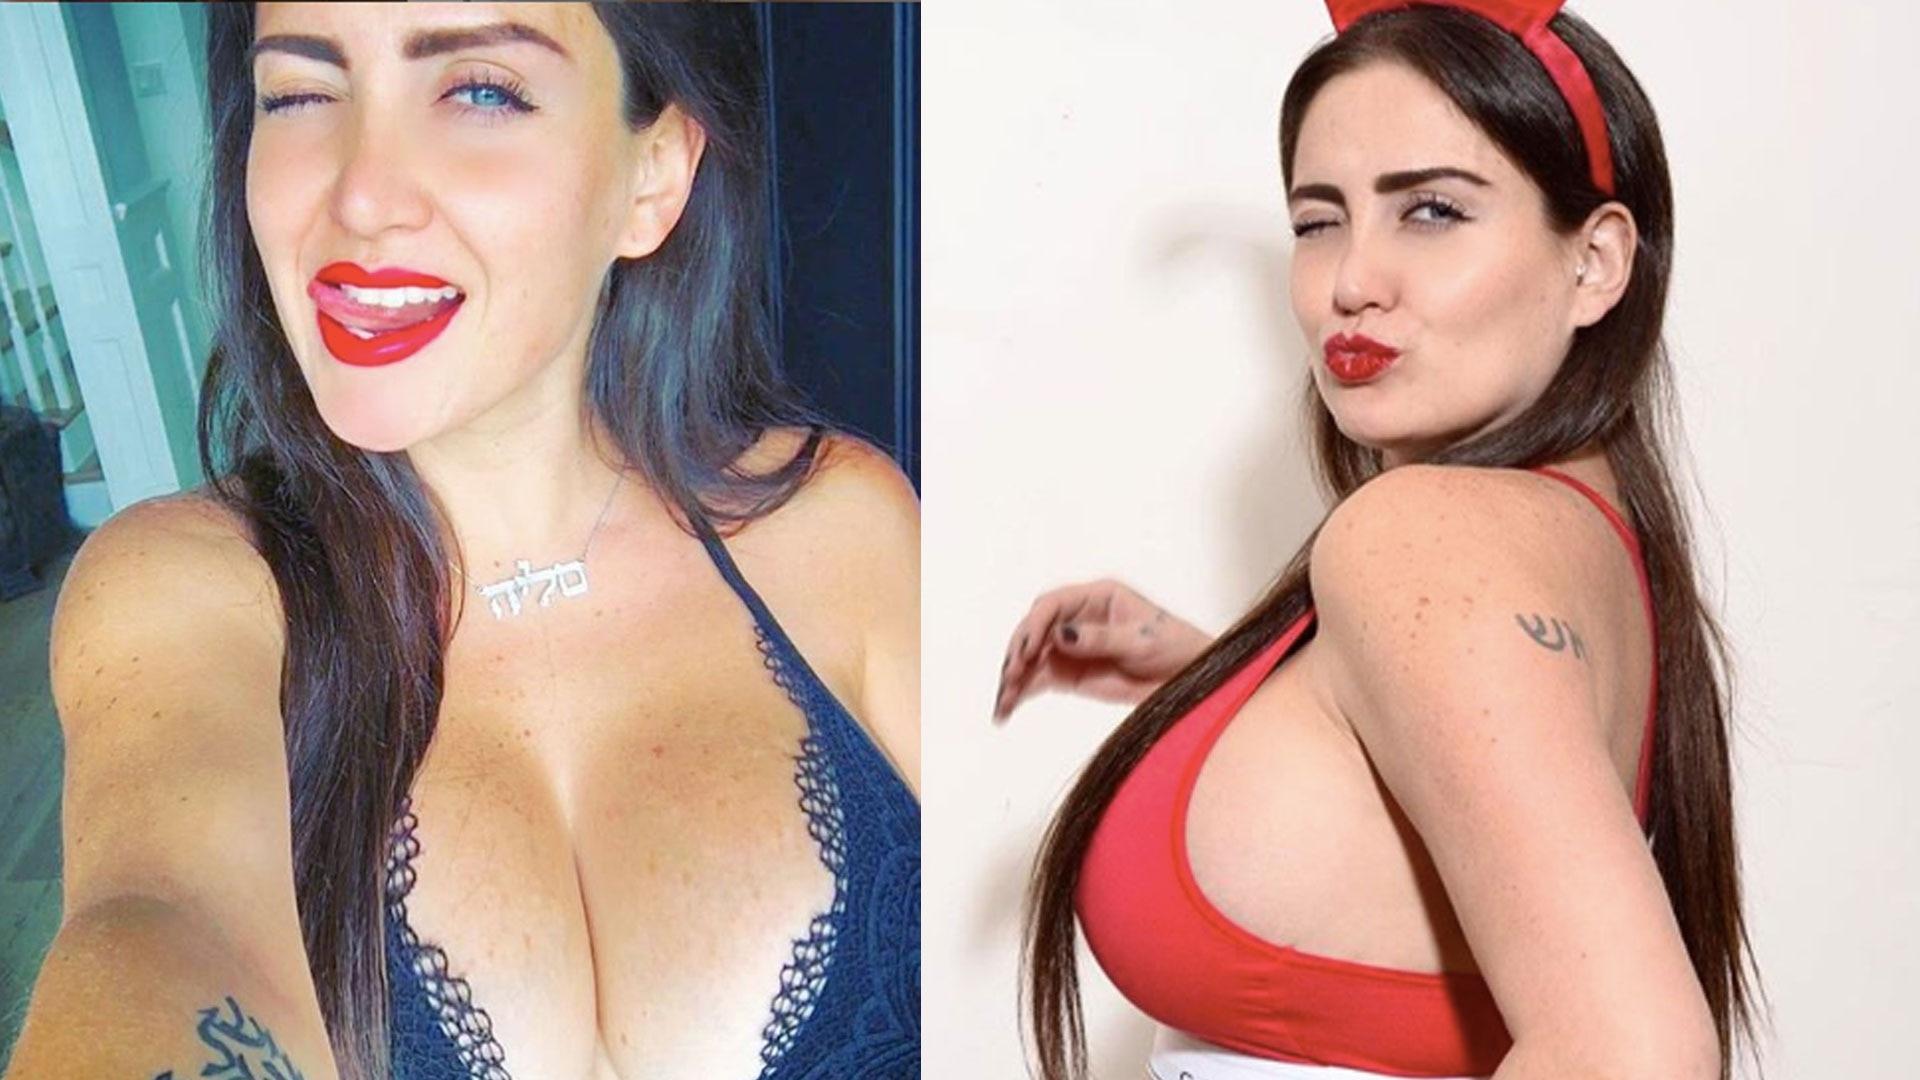 Actrices Porno Subamericanas celia lora, la actriz favorita de los mexicanos al ver